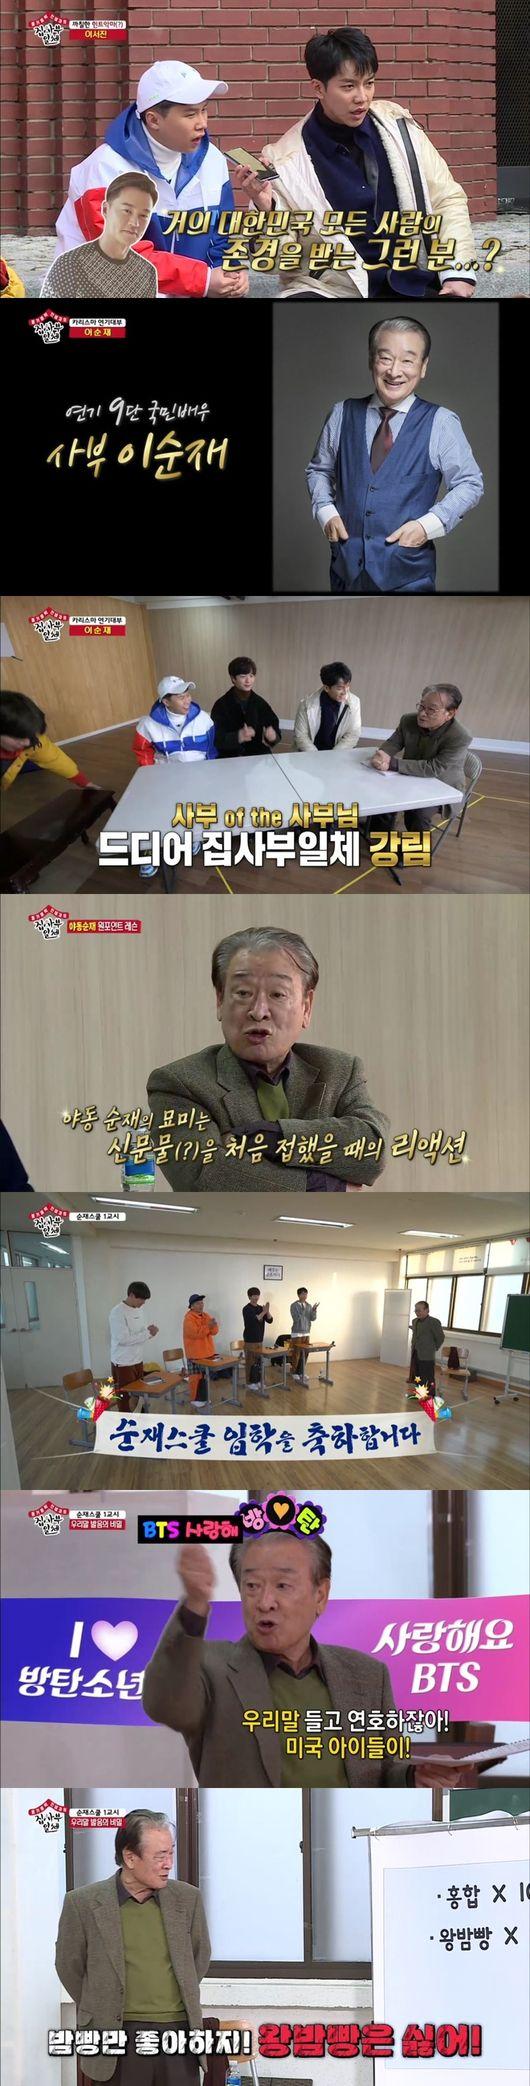 '집사부일체' 이순재, 연기X예능감